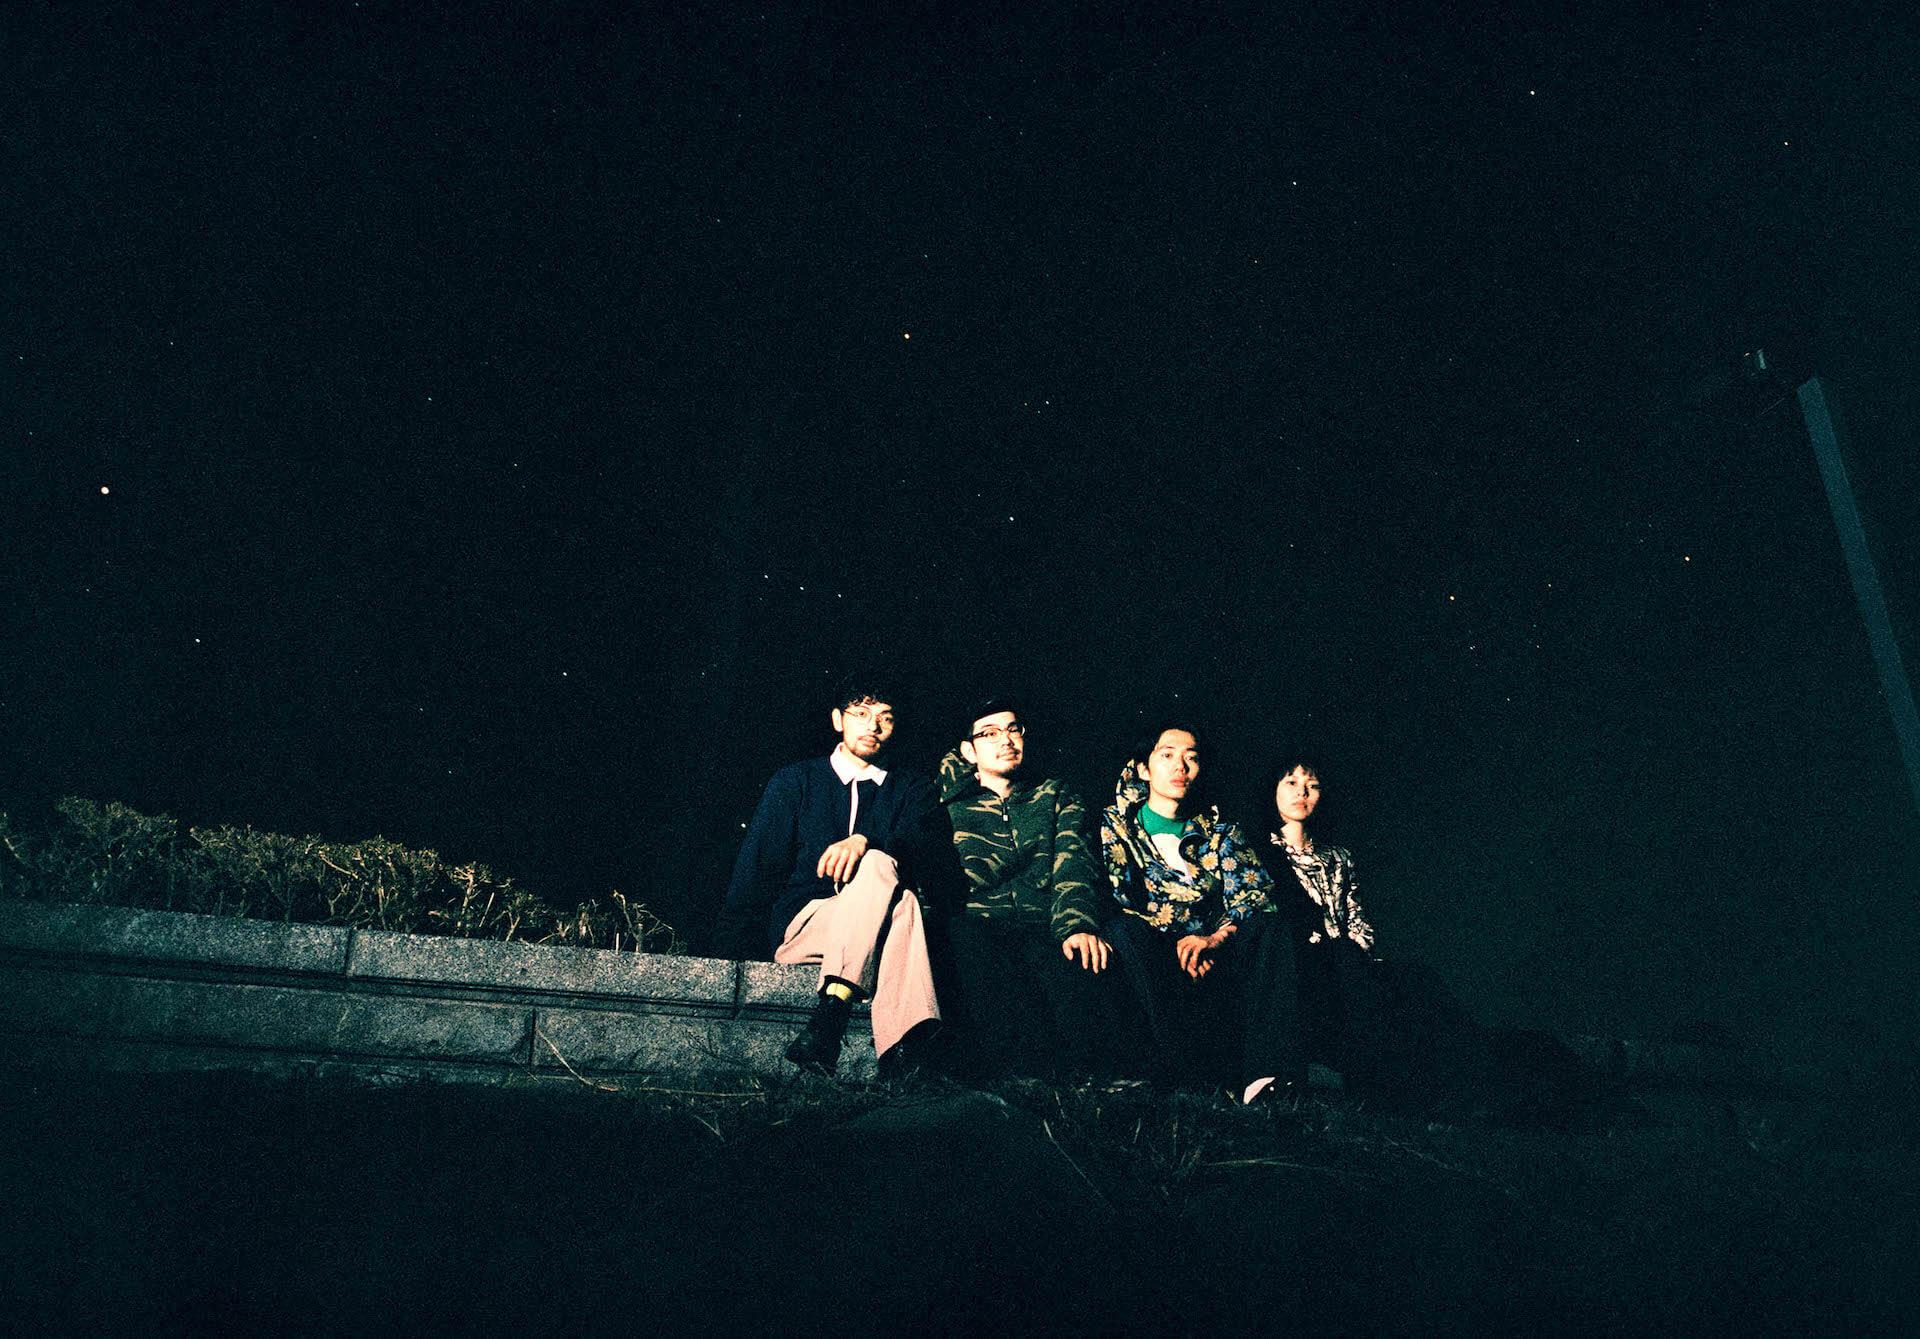 MONO NO AWARE、約1年8ヶ月ぶりとなるフルアルバム『行列のできる方舟』発売決定!早期予約特典&全国ツアーの開催も発表 music210409_mononoaware-210409_2